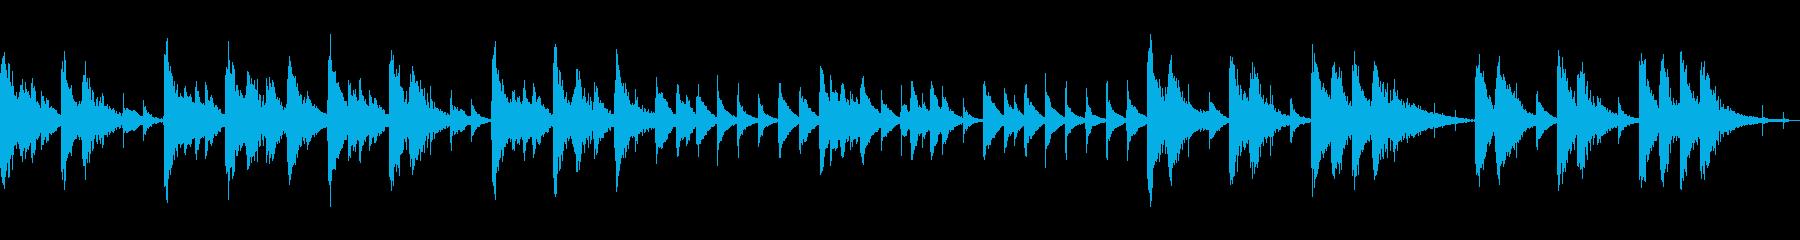 とぼけた感じのコミカルなショートループの再生済みの波形